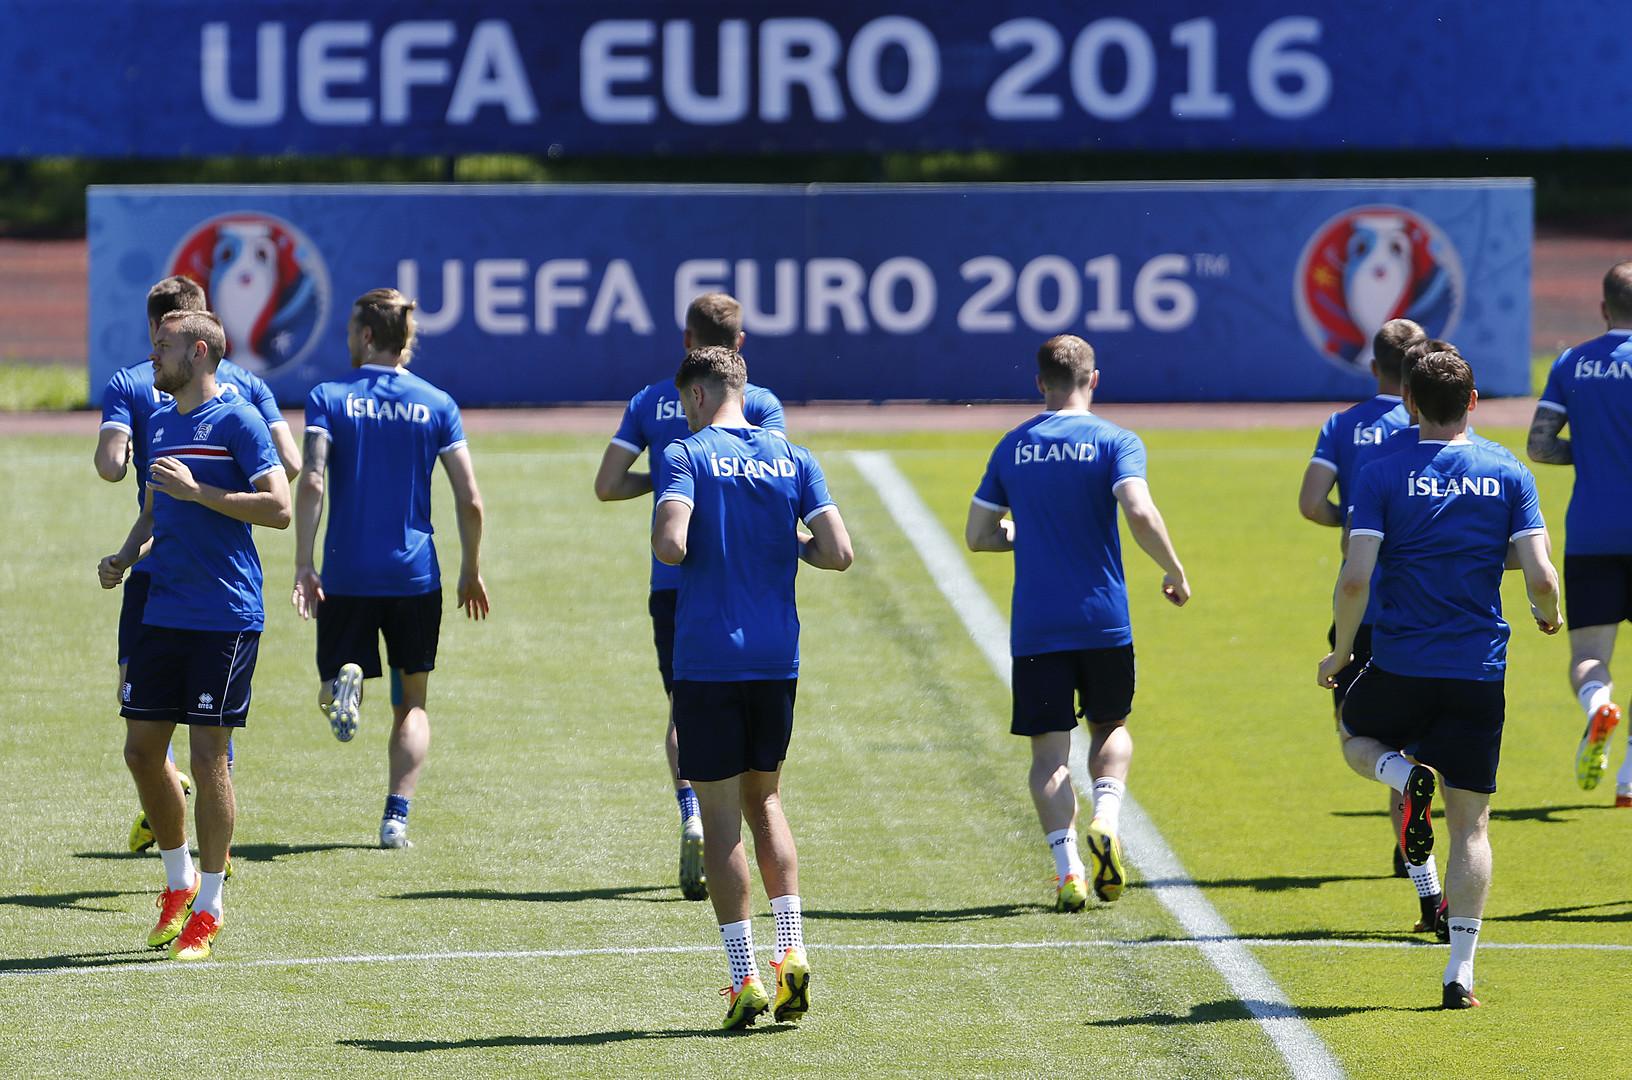 Узнать за 60 секунд: 7 фактов из истории чемпионата Европы